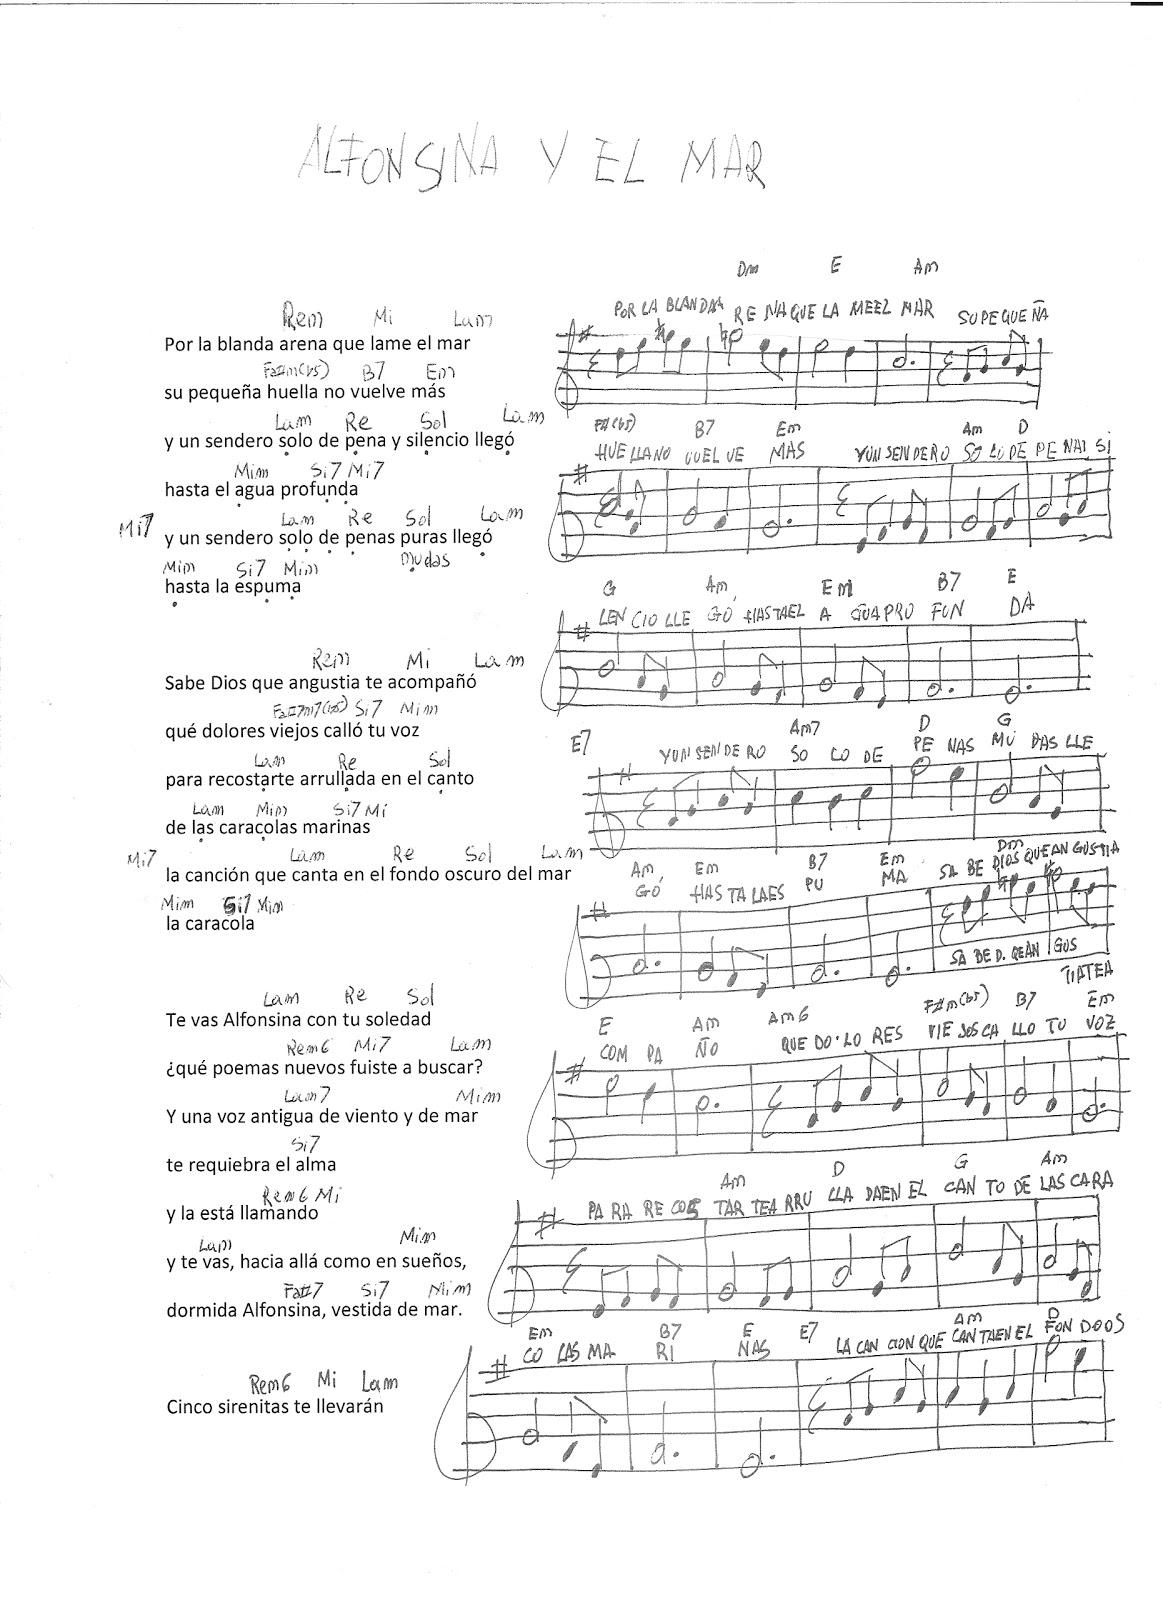 Todo música: Alfonsina y el mar